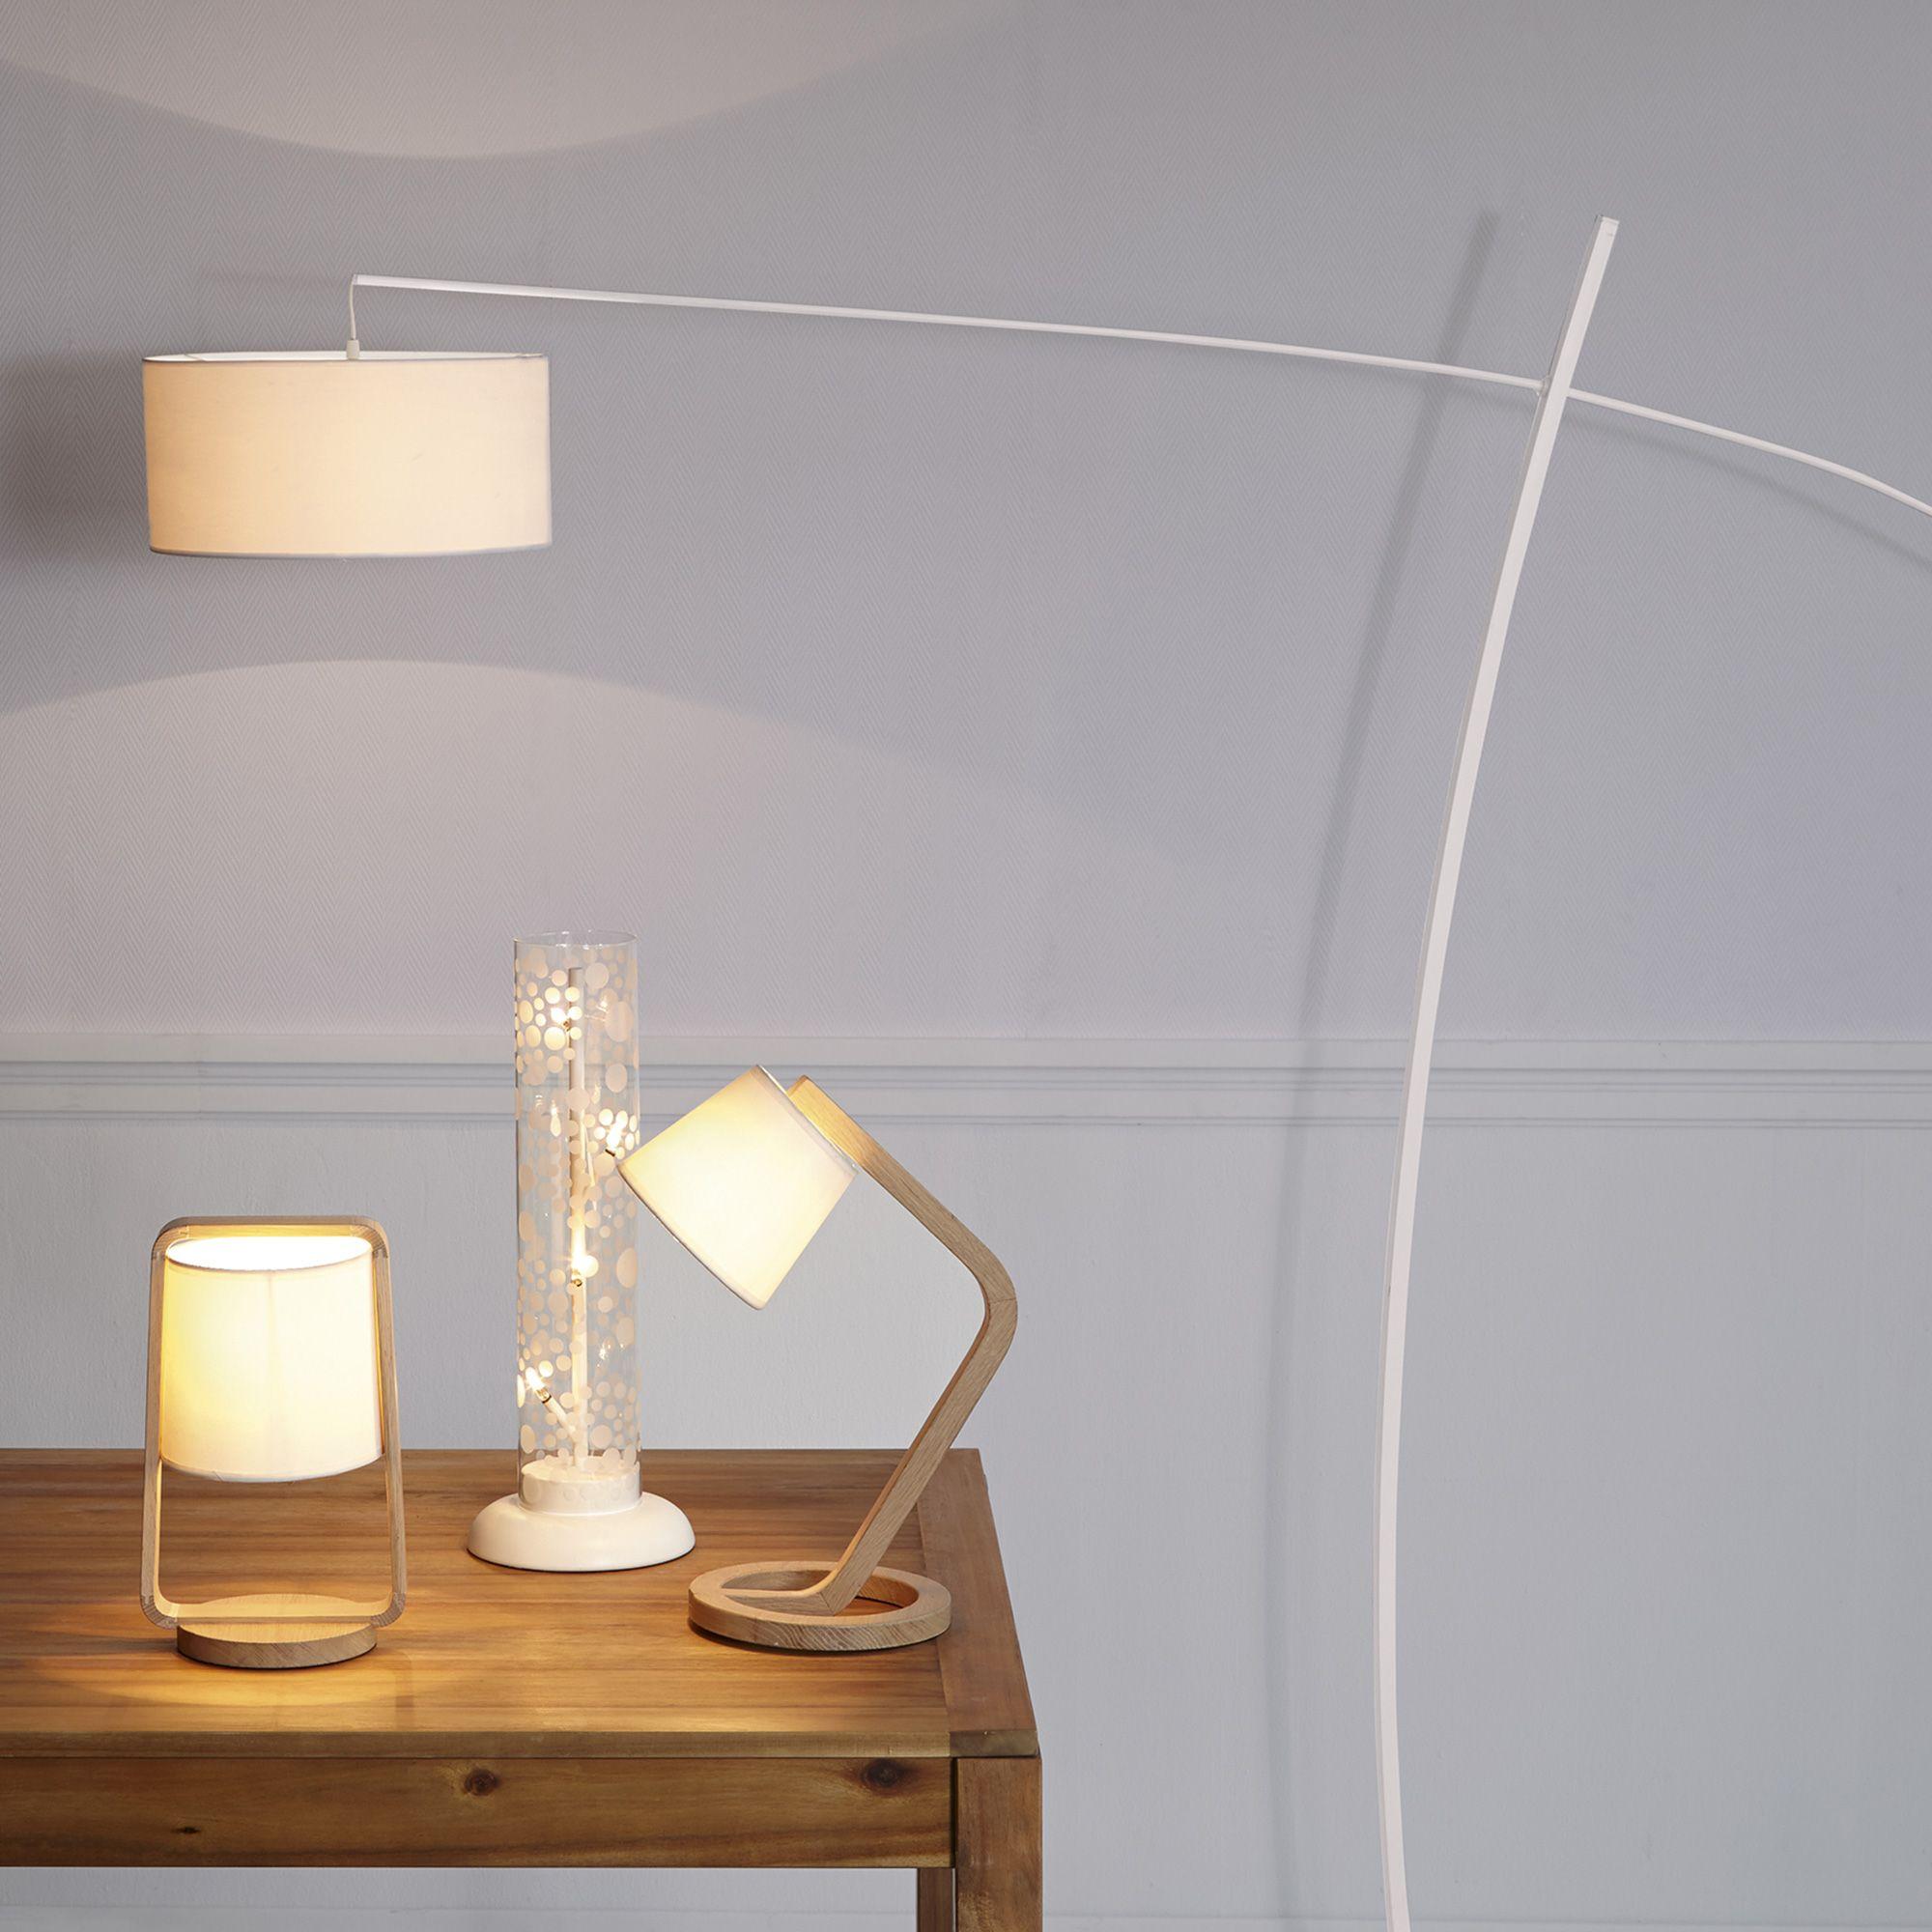 Прикроватный светильник в стиле эко